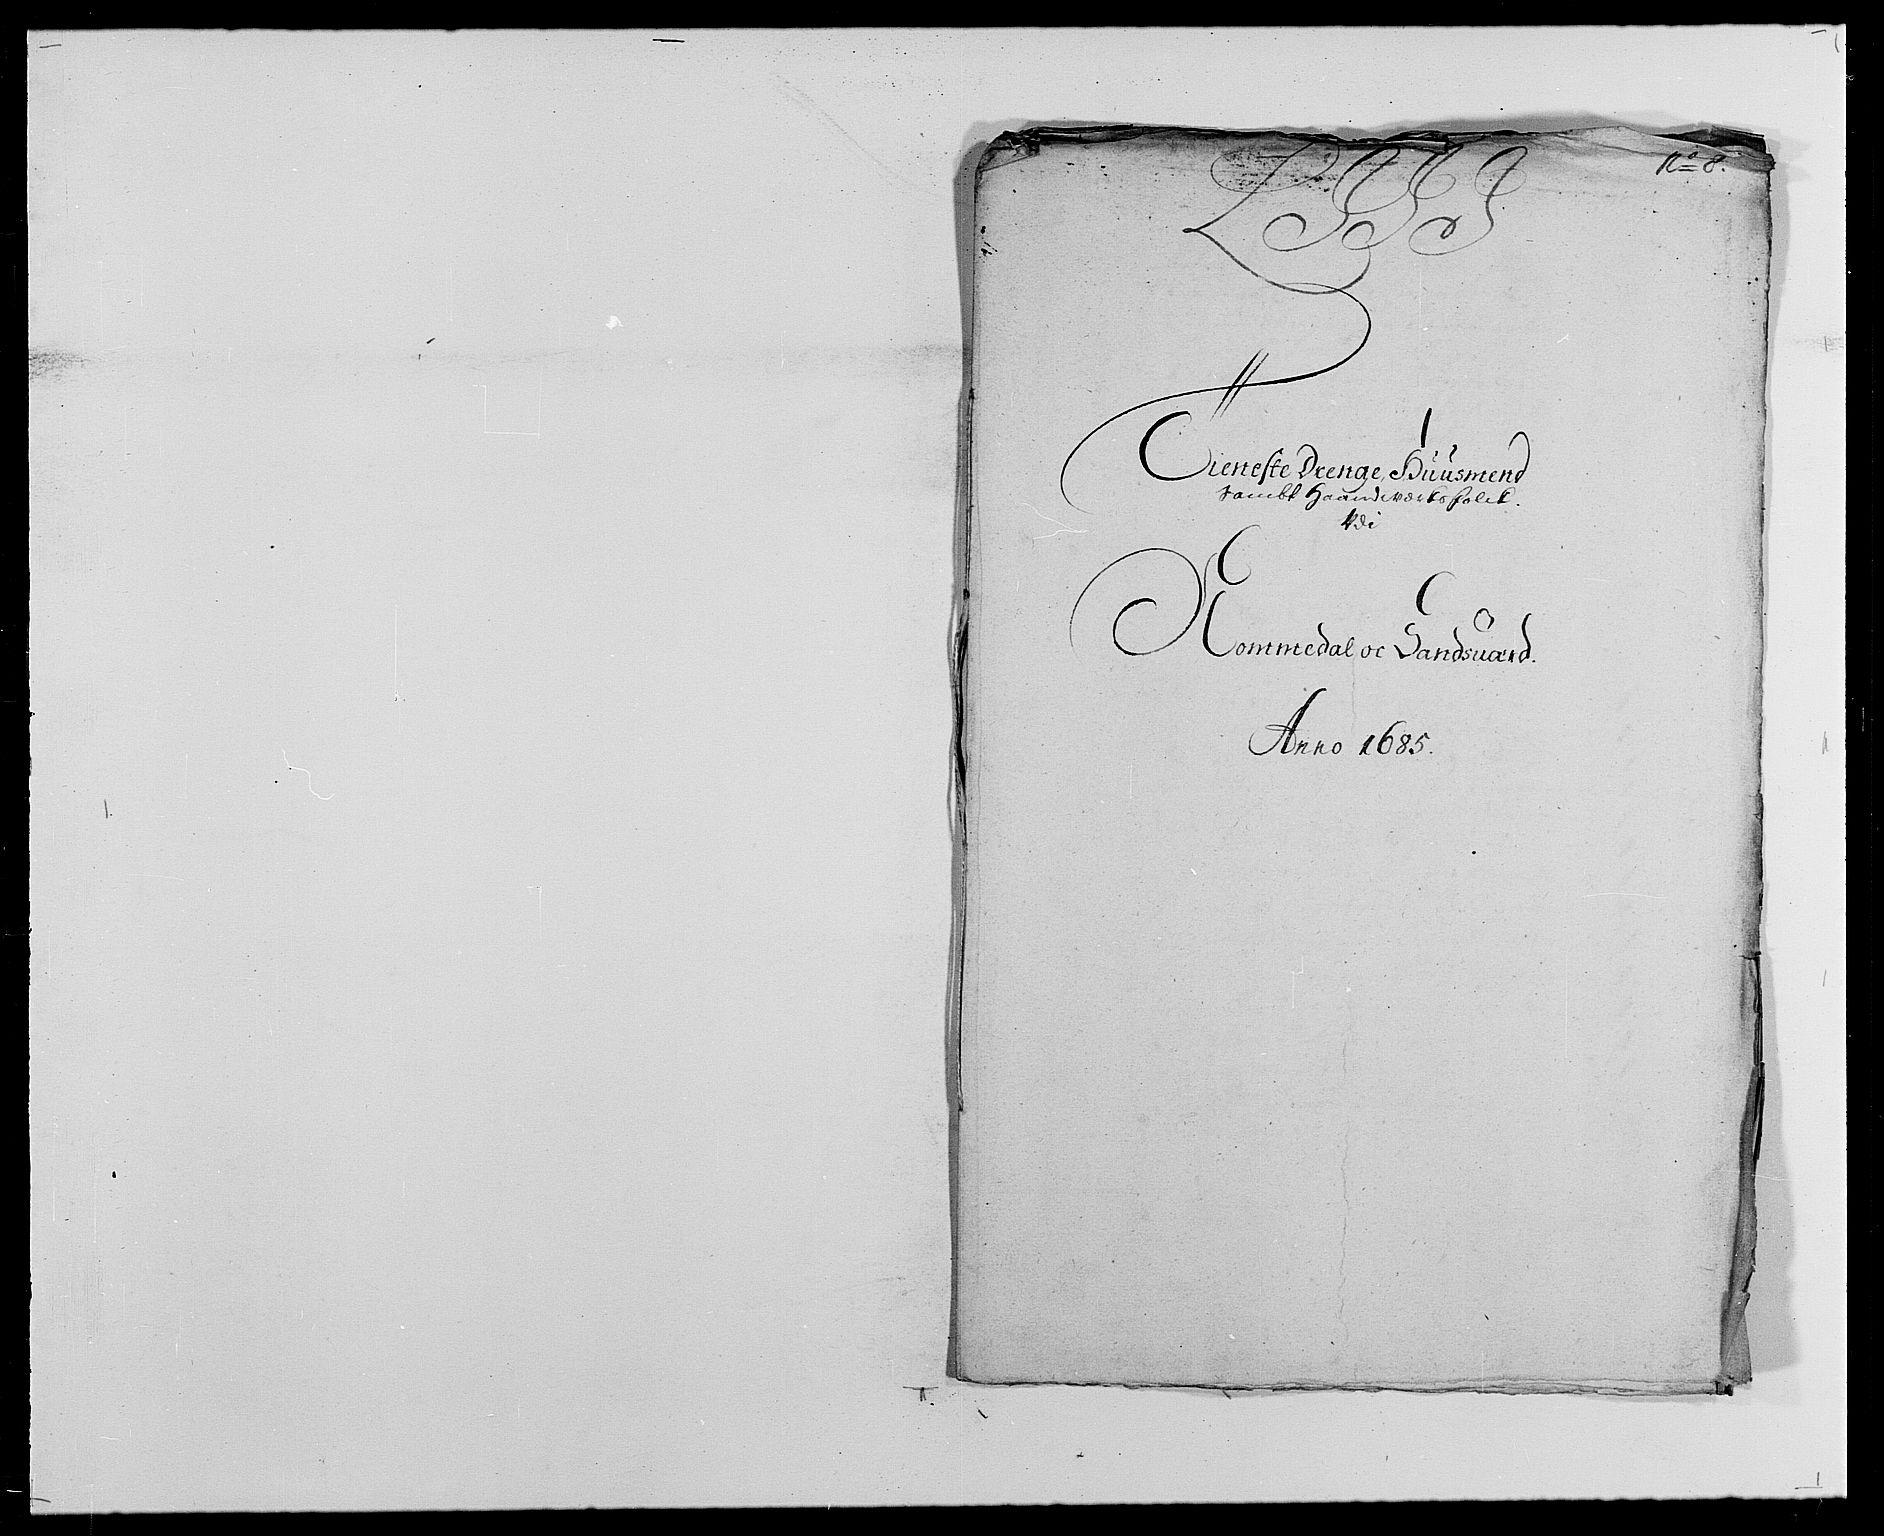 RA, Rentekammeret inntil 1814, Reviderte regnskaper, Fogderegnskap, R24/L1571: Fogderegnskap Numedal og Sandsvær, 1679-1686, s. 413